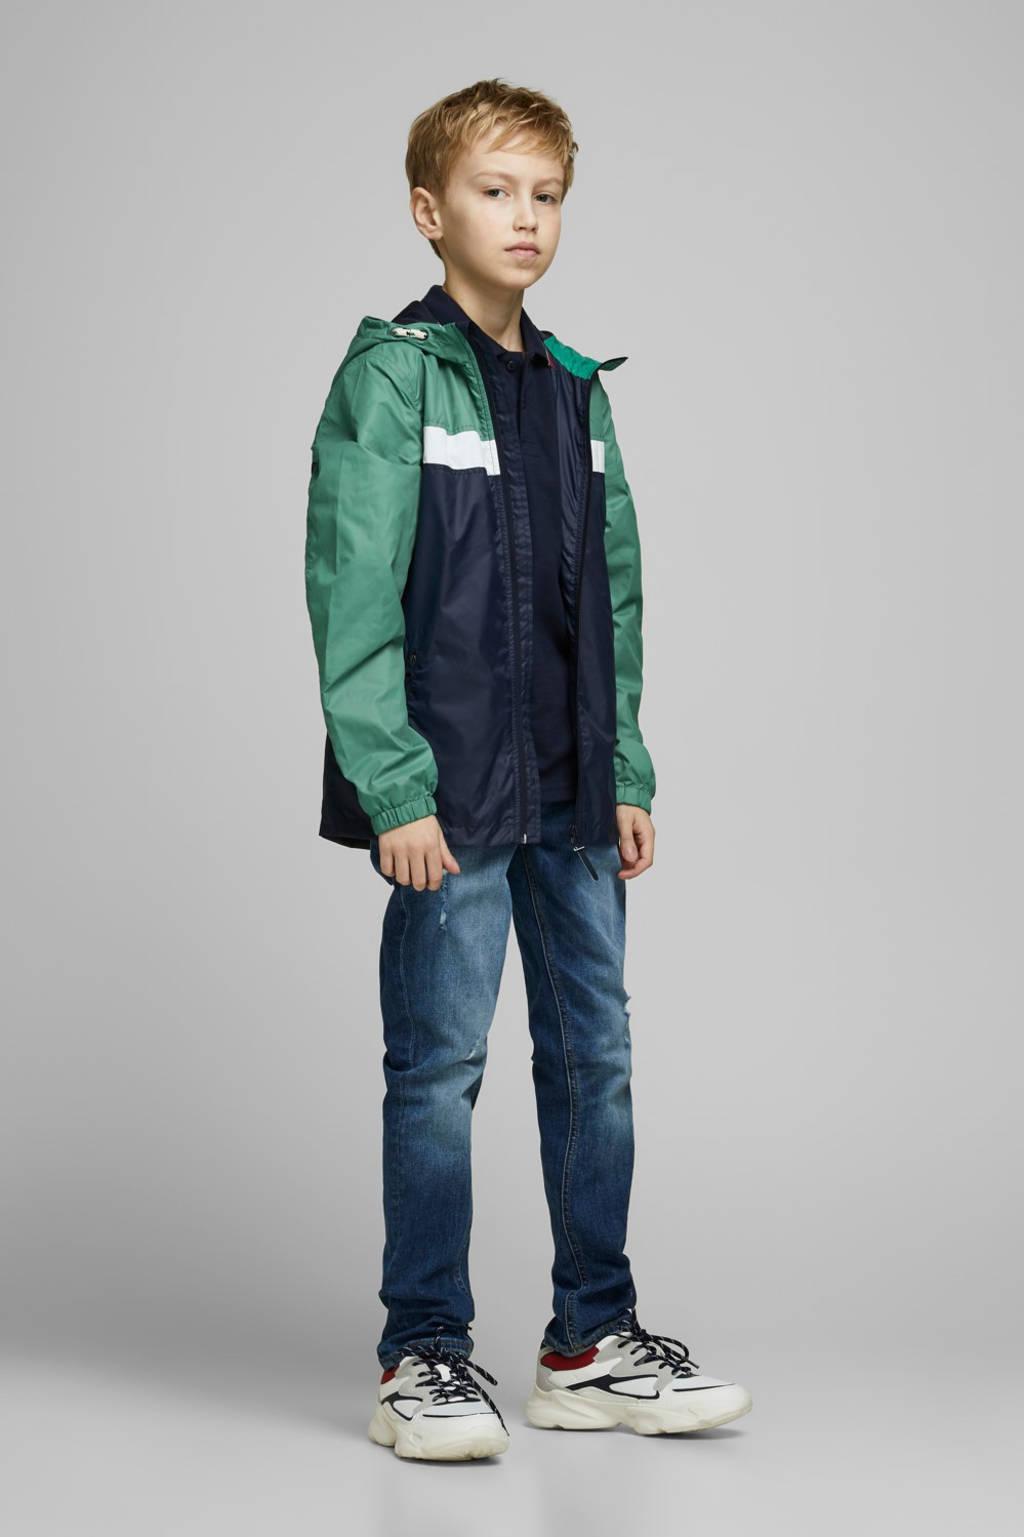 JACK & JONES JUNIOR zomerjas Cott donkerblauw/groen, Donkerblauw/groen